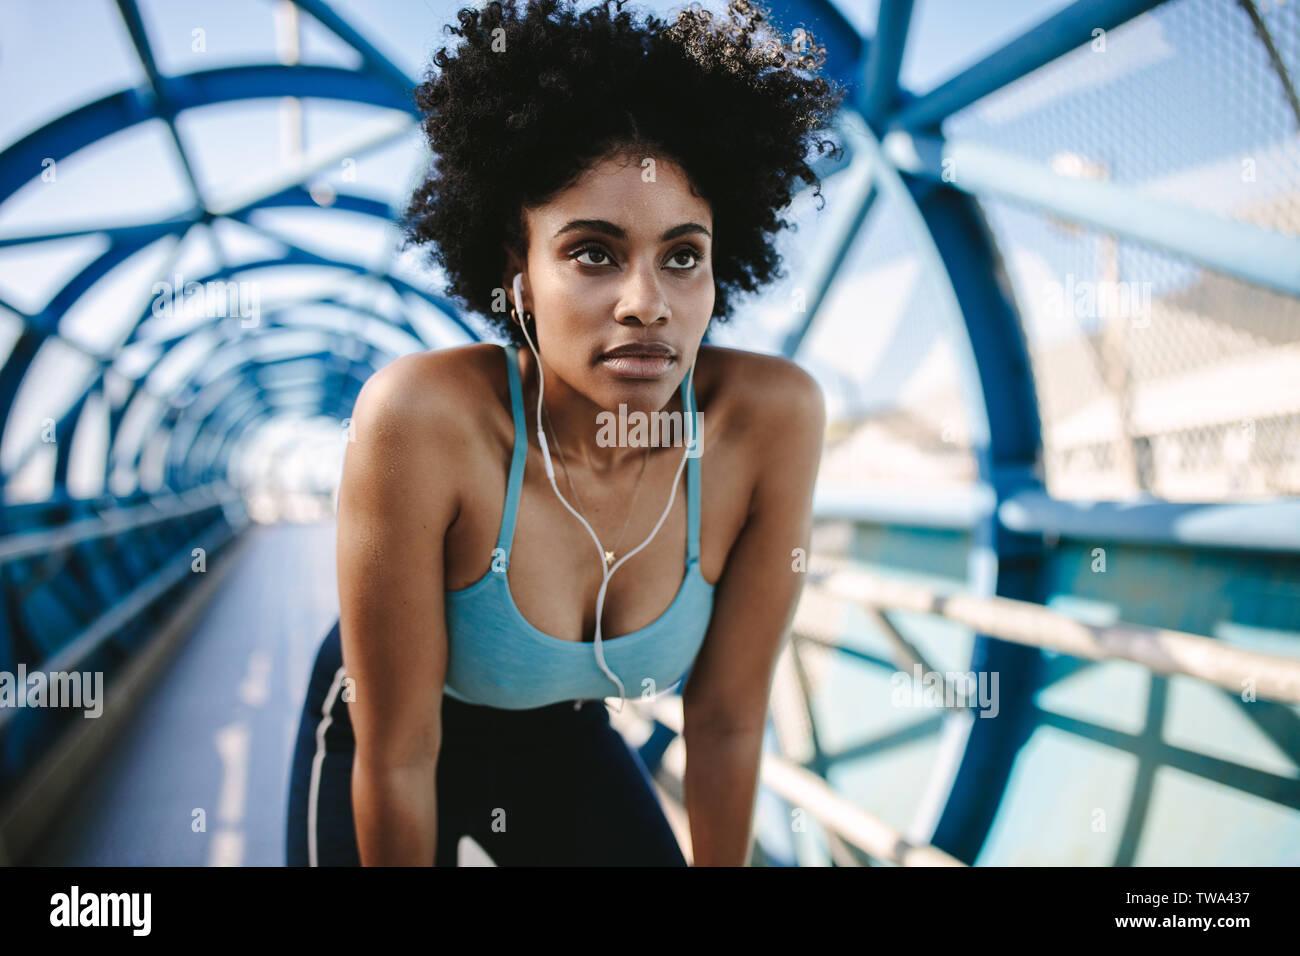 Junge Athletin über und Wegschauen gelehnt. Motiviert und konzentriert sportliche Frau vor einem laufen auf Gehweg Brücke. Stockfoto